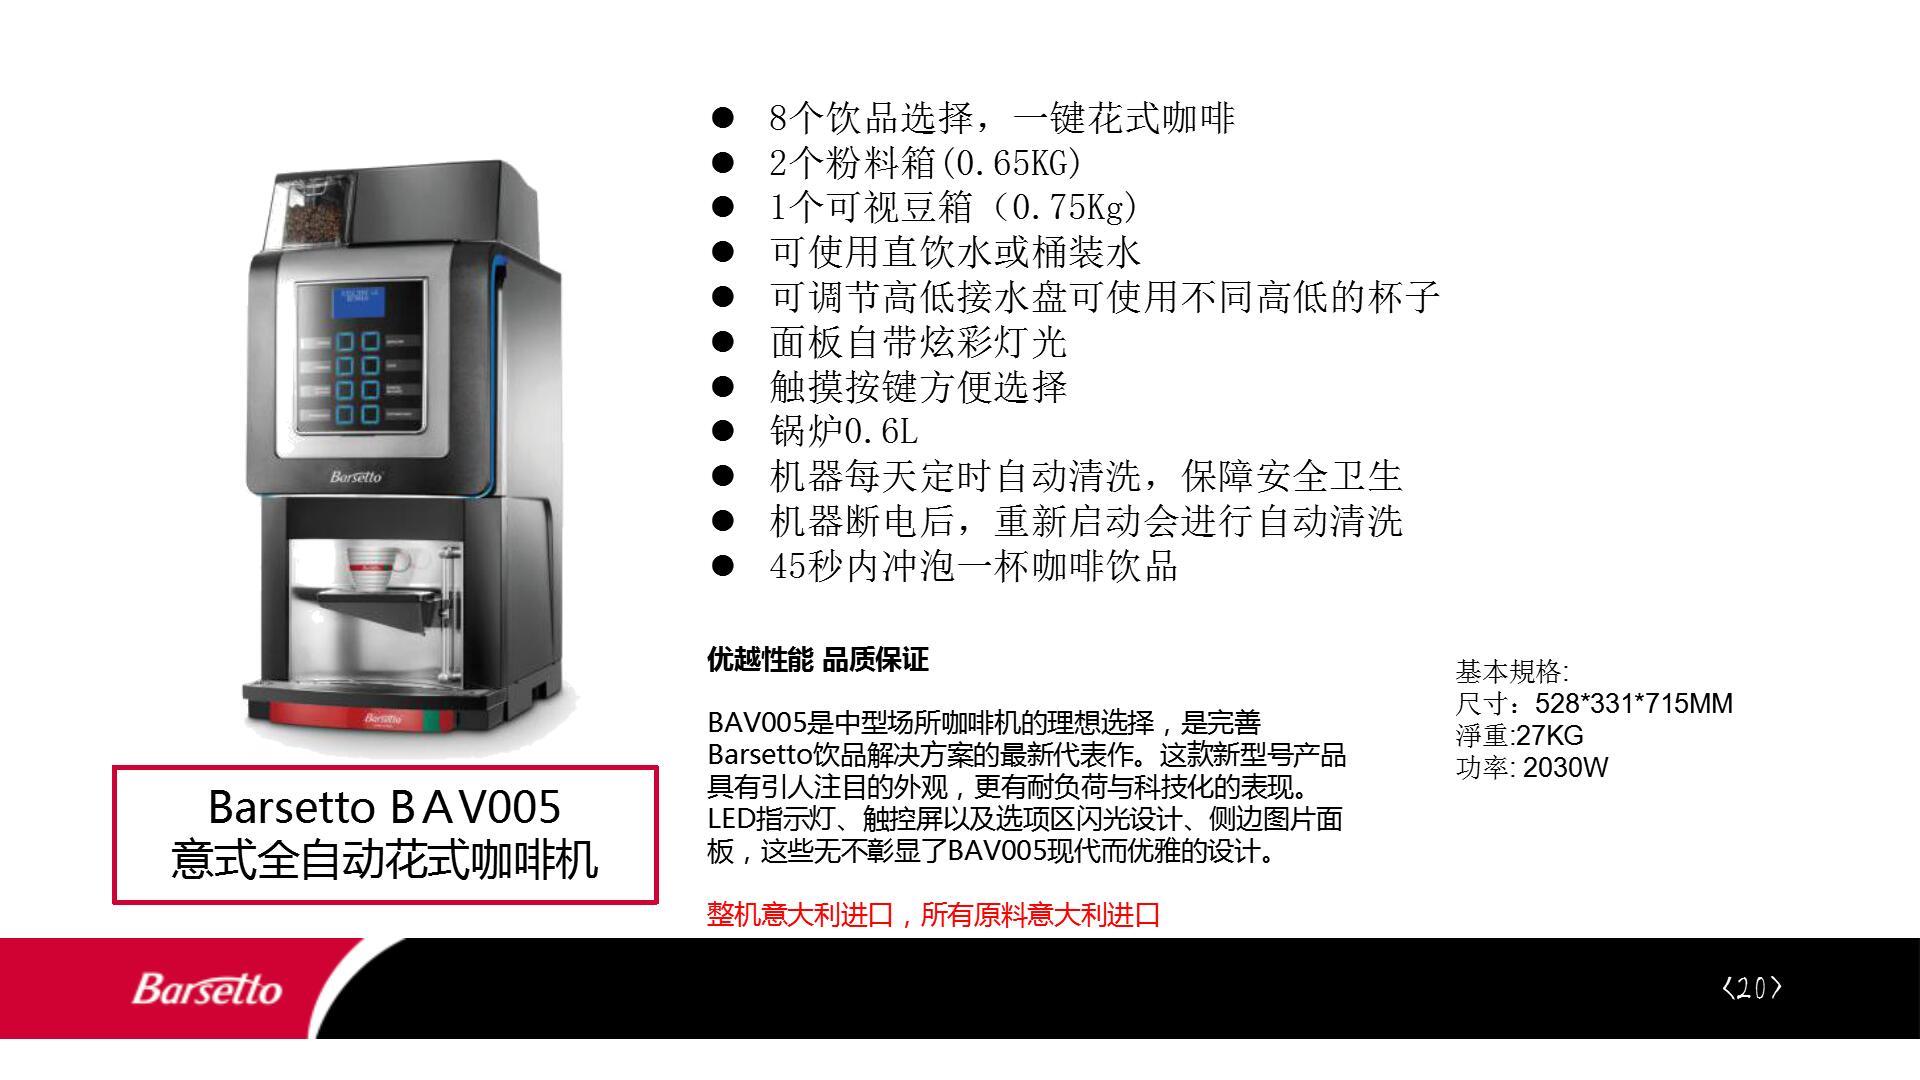 Barsetto 咖啡机方案 (20)